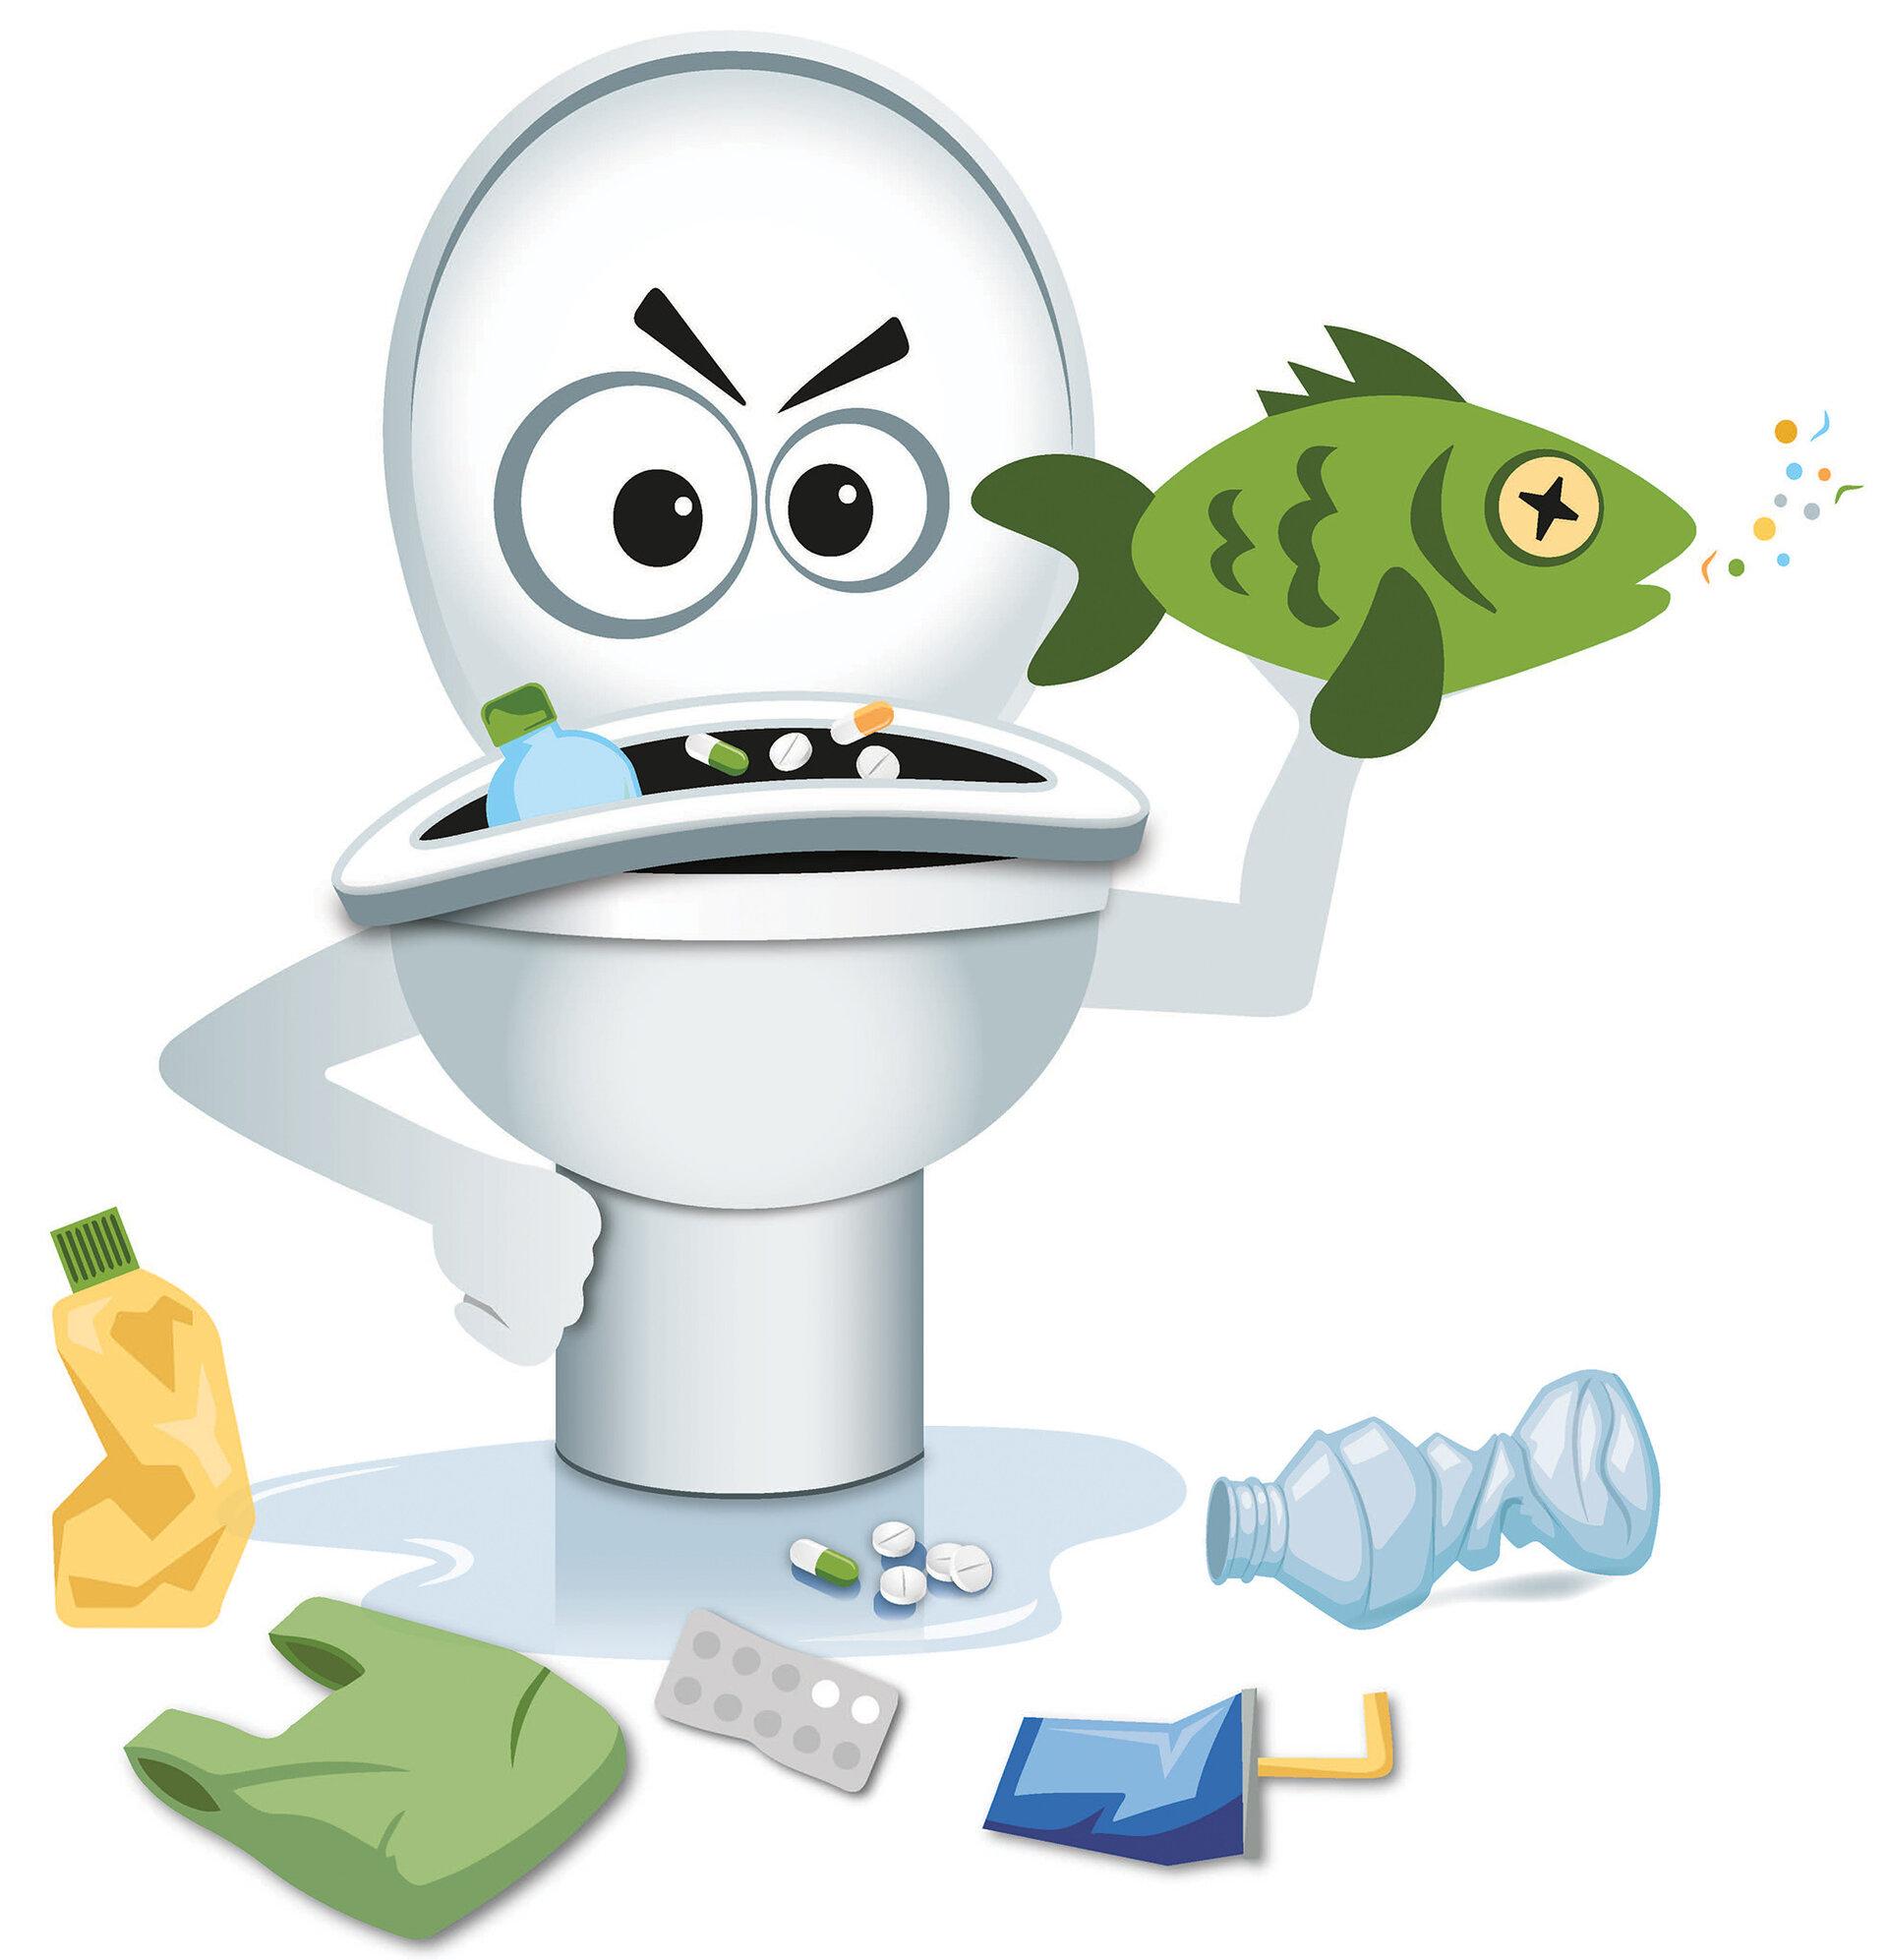 Aktion des AZV gegen vermeidbare Verunreinigung des Abwassers